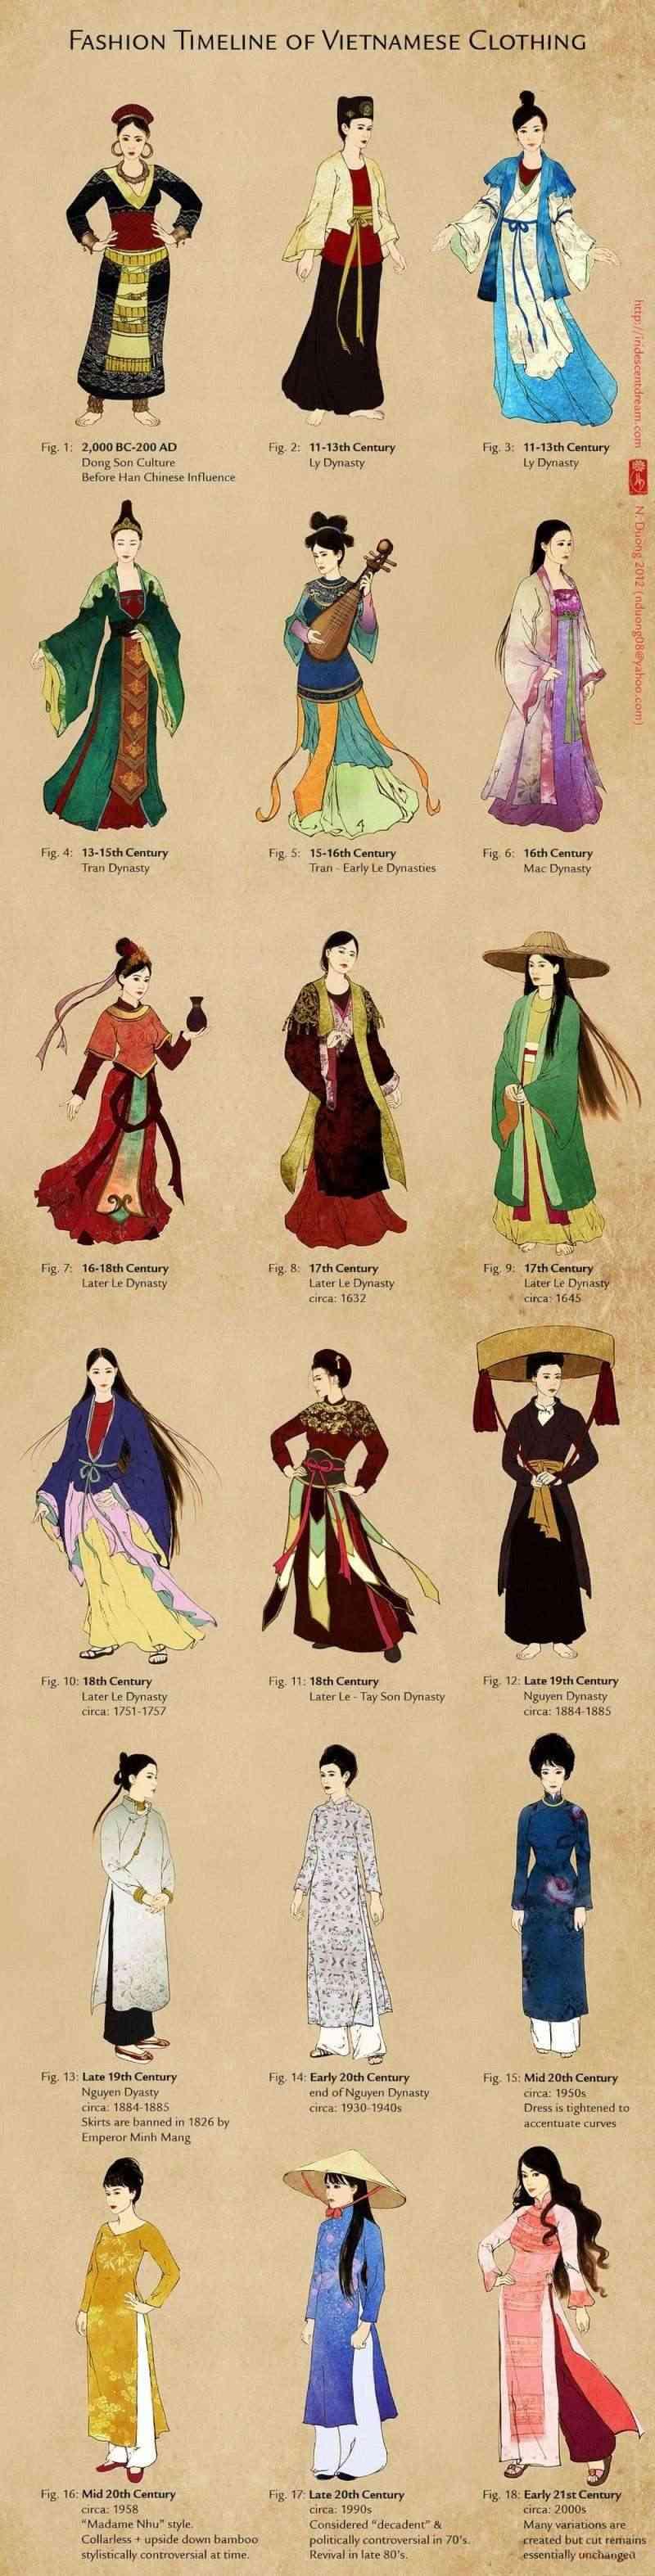 Hình ảnh về trang phục lịch sử Việt Nam Redsvn12